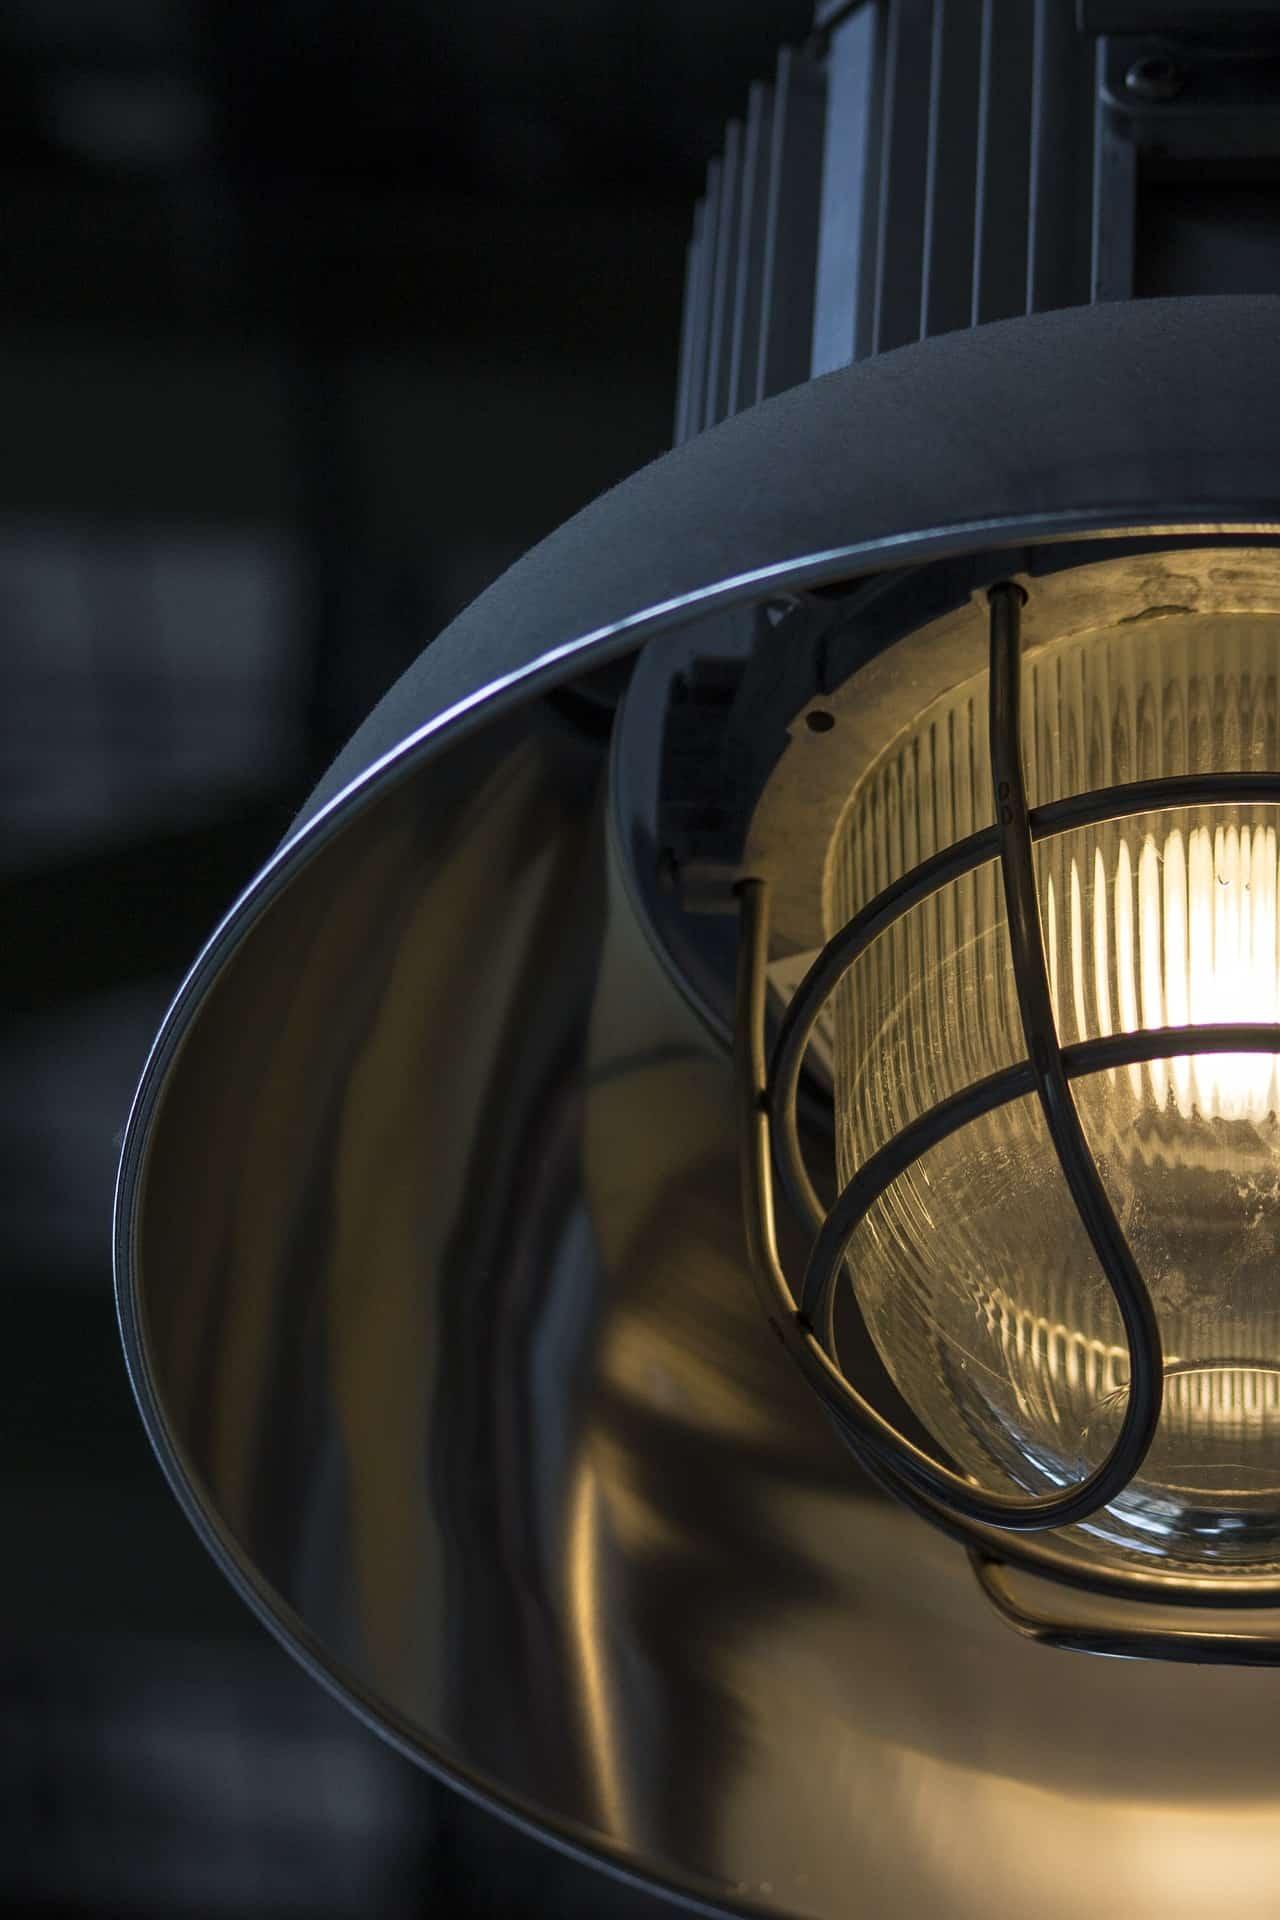 czyszczenie metalowych lamp